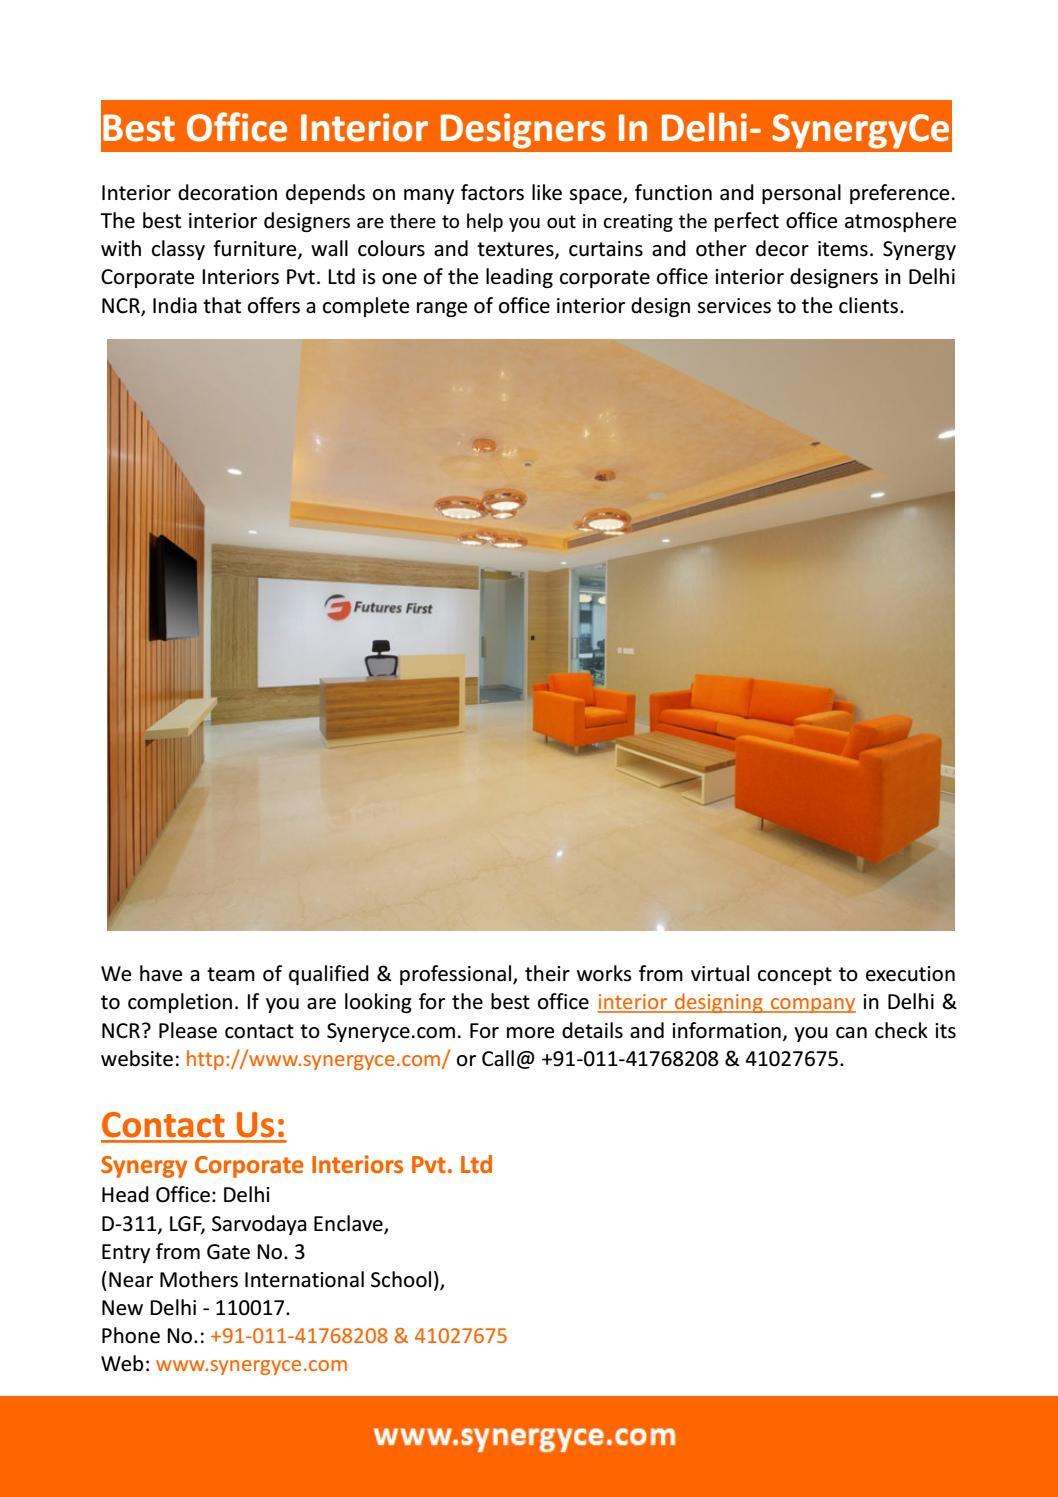 famous interior designers in delhi new delhi